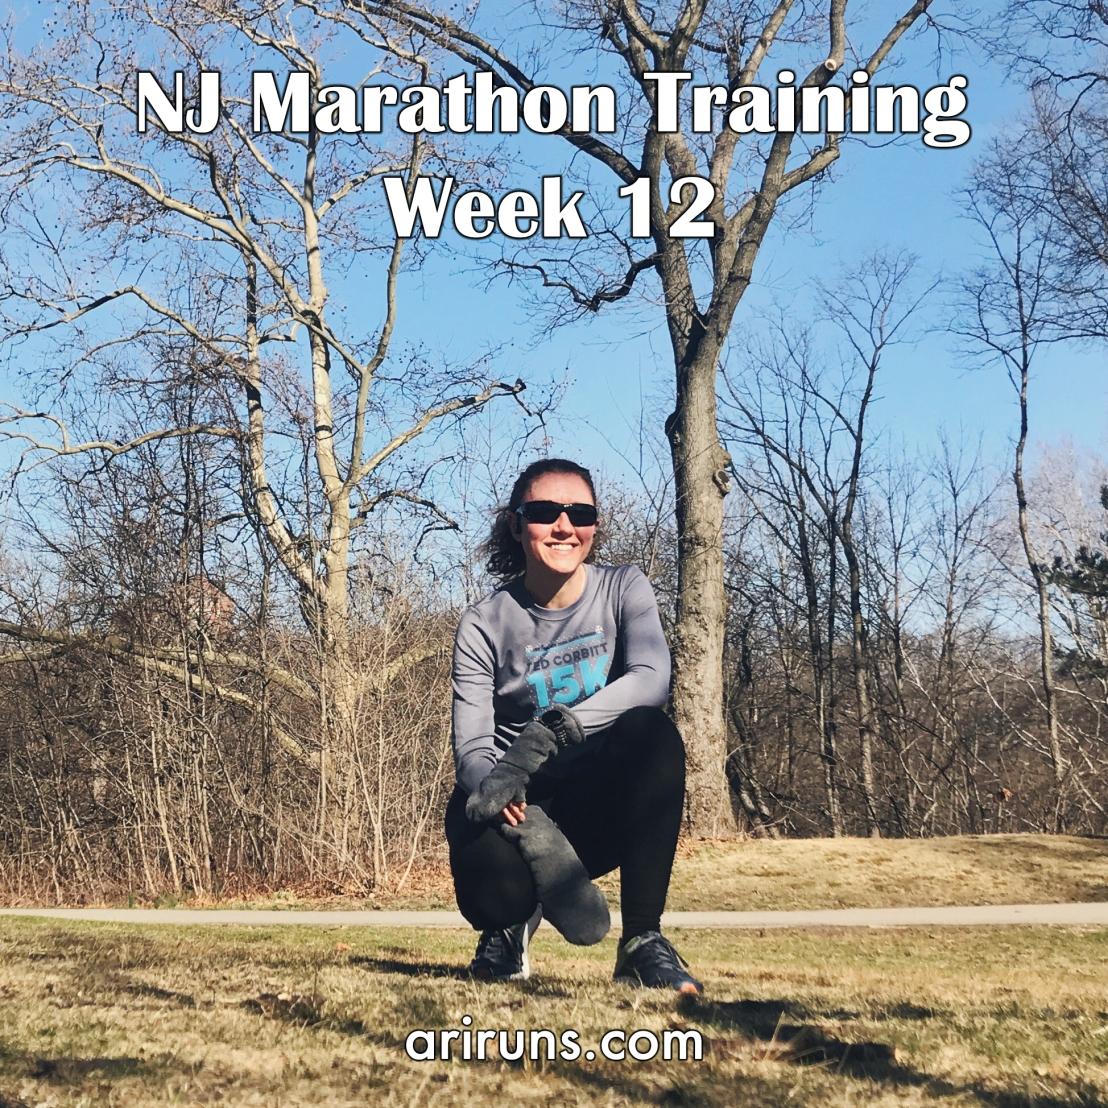 IMG_4217 NJ Marathon Training Week 12